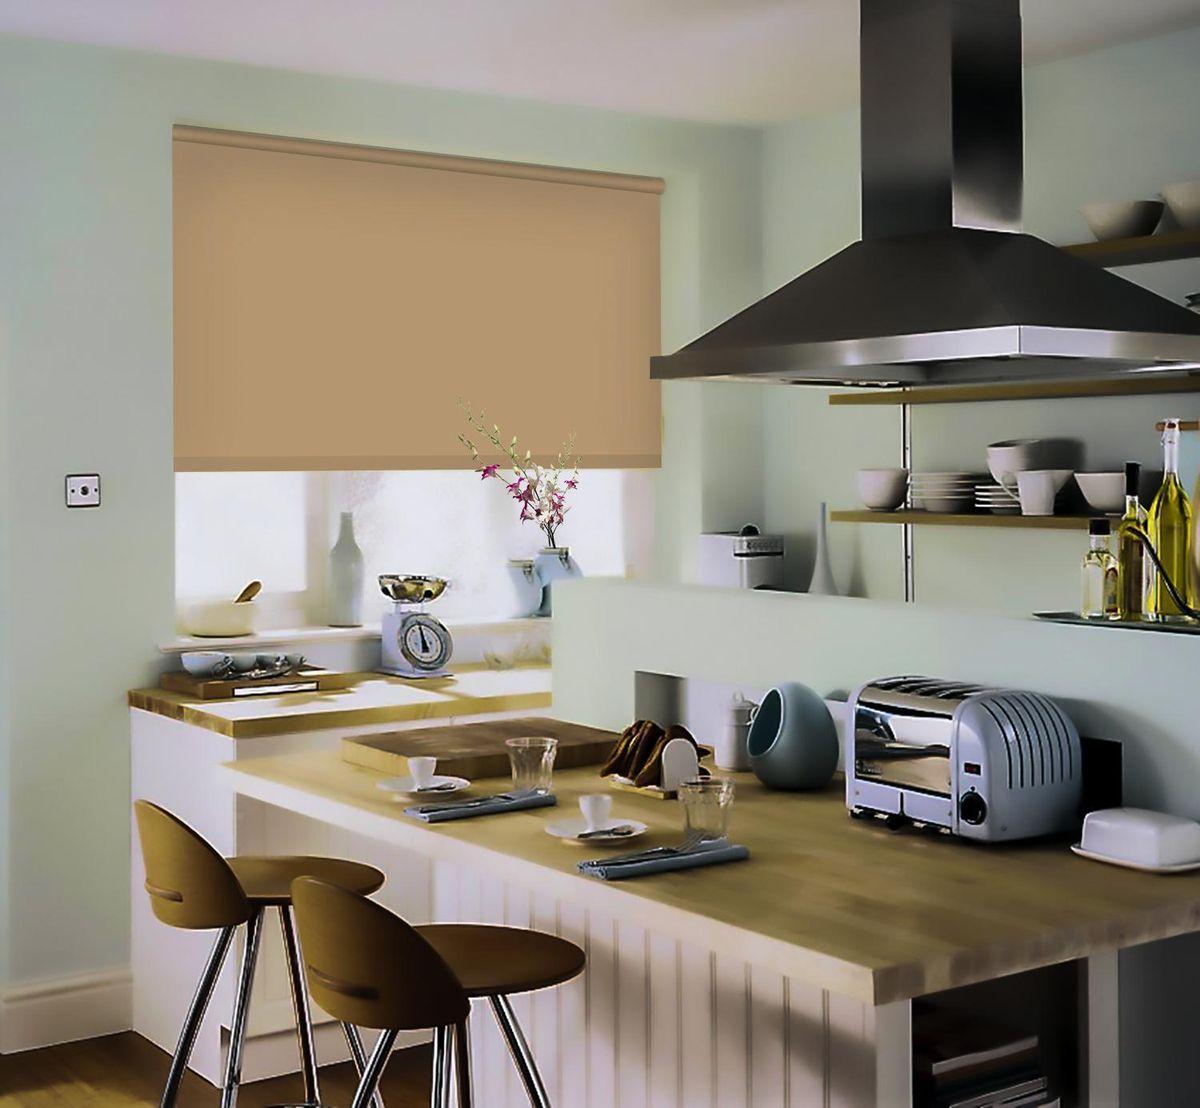 Штора рулонная Эскар, цвет: темно-бежевый, ширина 172 см, высота 170 см81209172170Рулонными шторами можно оформлять окна как самостоятельно, так и использовать в комбинации с портьерами. Это поможет предотвратить выгорание дорогой ткани на солнце и соединит функционал рулонных с красотой навесных. Преимущества применения рулонных штор для пластиковых окон: - имеют прекрасный внешний вид: многообразие и фактурность материала изделия отлично смотрятся в любом интерьере; - многофункциональны: есть возможность подобрать шторы способные эффективно защитить комнату от солнца, при этом она не будет слишком темной. - Есть возможность осуществить быстрый монтаж. ВНИМАНИЕ! Размеры ширины изделия указаны по ширине ткани! Во время эксплуатации не рекомендуется полностью разматывать рулон, чтобы не оторвать ткань от намоточного вала. В случае загрязнения поверхности ткани, чистку шторы проводят одним из способов, в зависимости от типа загрязнения: легкое поверхностное загрязнение можно удалить при помощи канцелярского ластика; чистка от пыли производится сухим методом при...